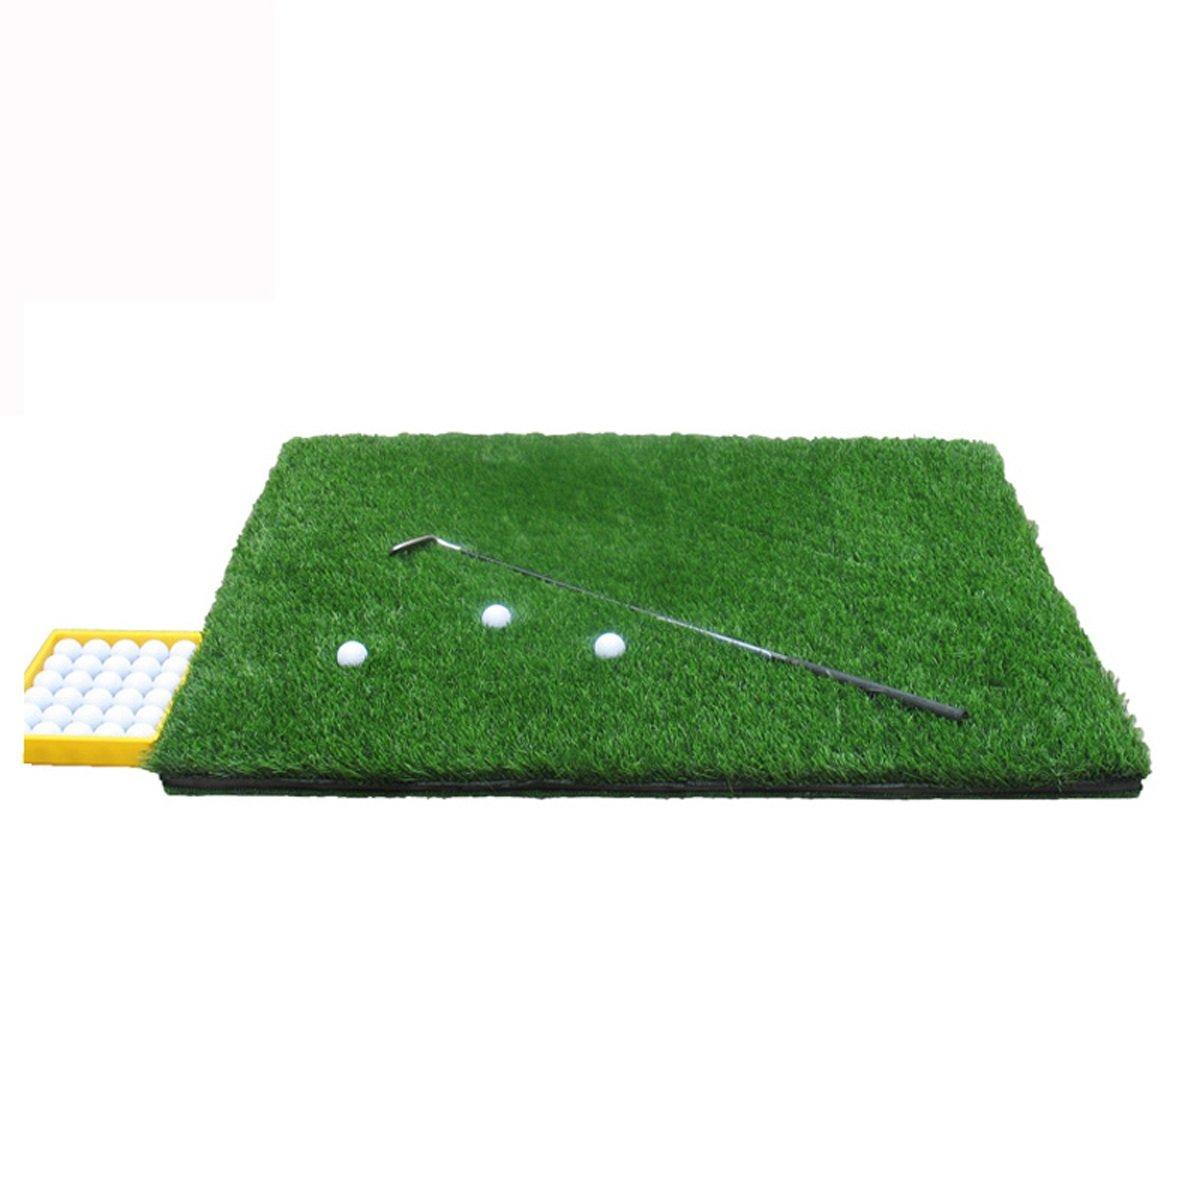 裏庭の屋内オフィスのためのDongyのゴルフ練習のマットのゴルフ訓練の泥炭のマットのゴルフドライビングレンジのマット B07JF96HG5